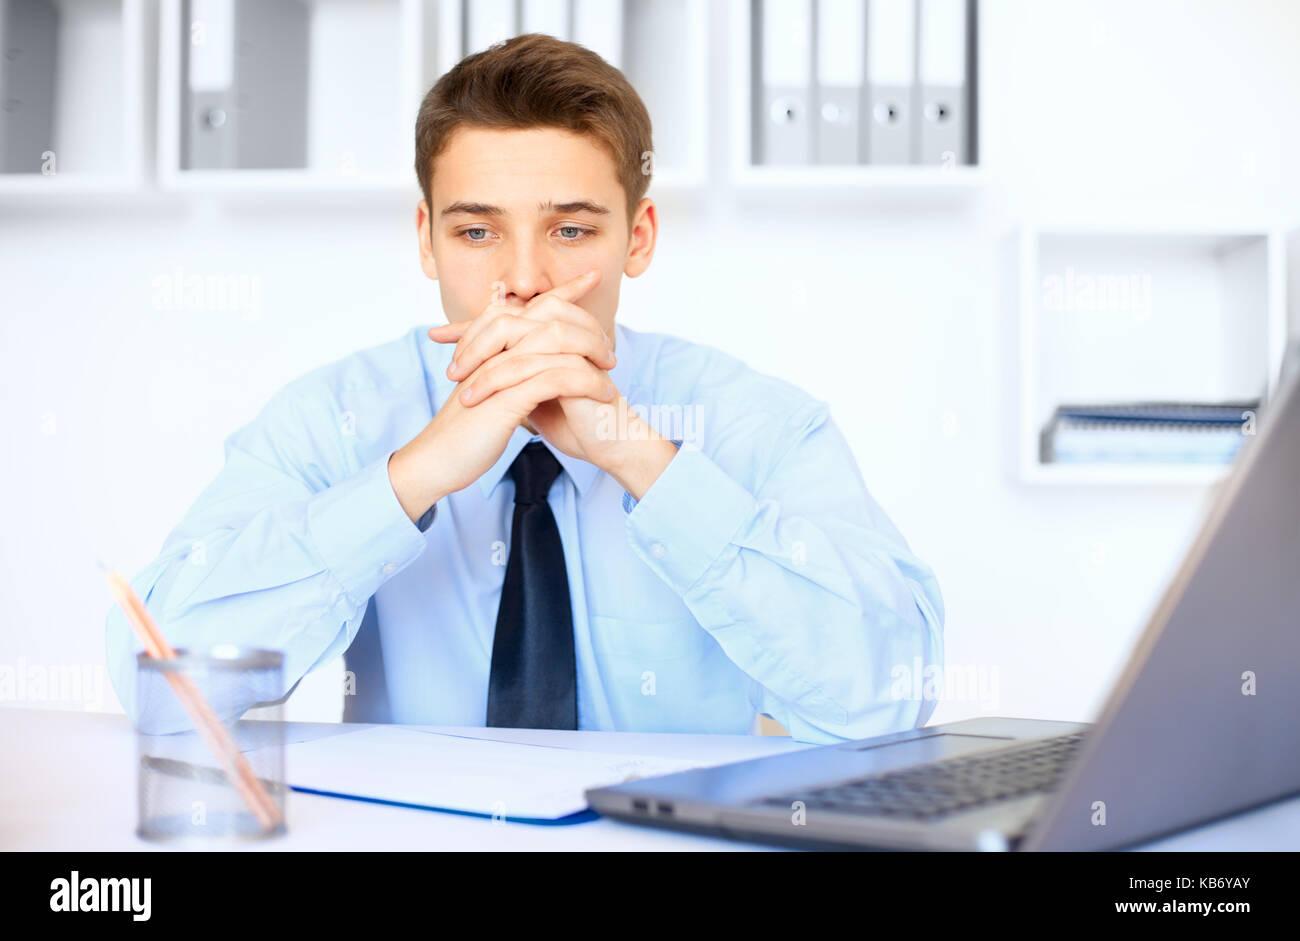 Porträt der jungen nachdenklich Geschäftsmann an seinem Arbeitsplatz im hellen Büro Stockbild